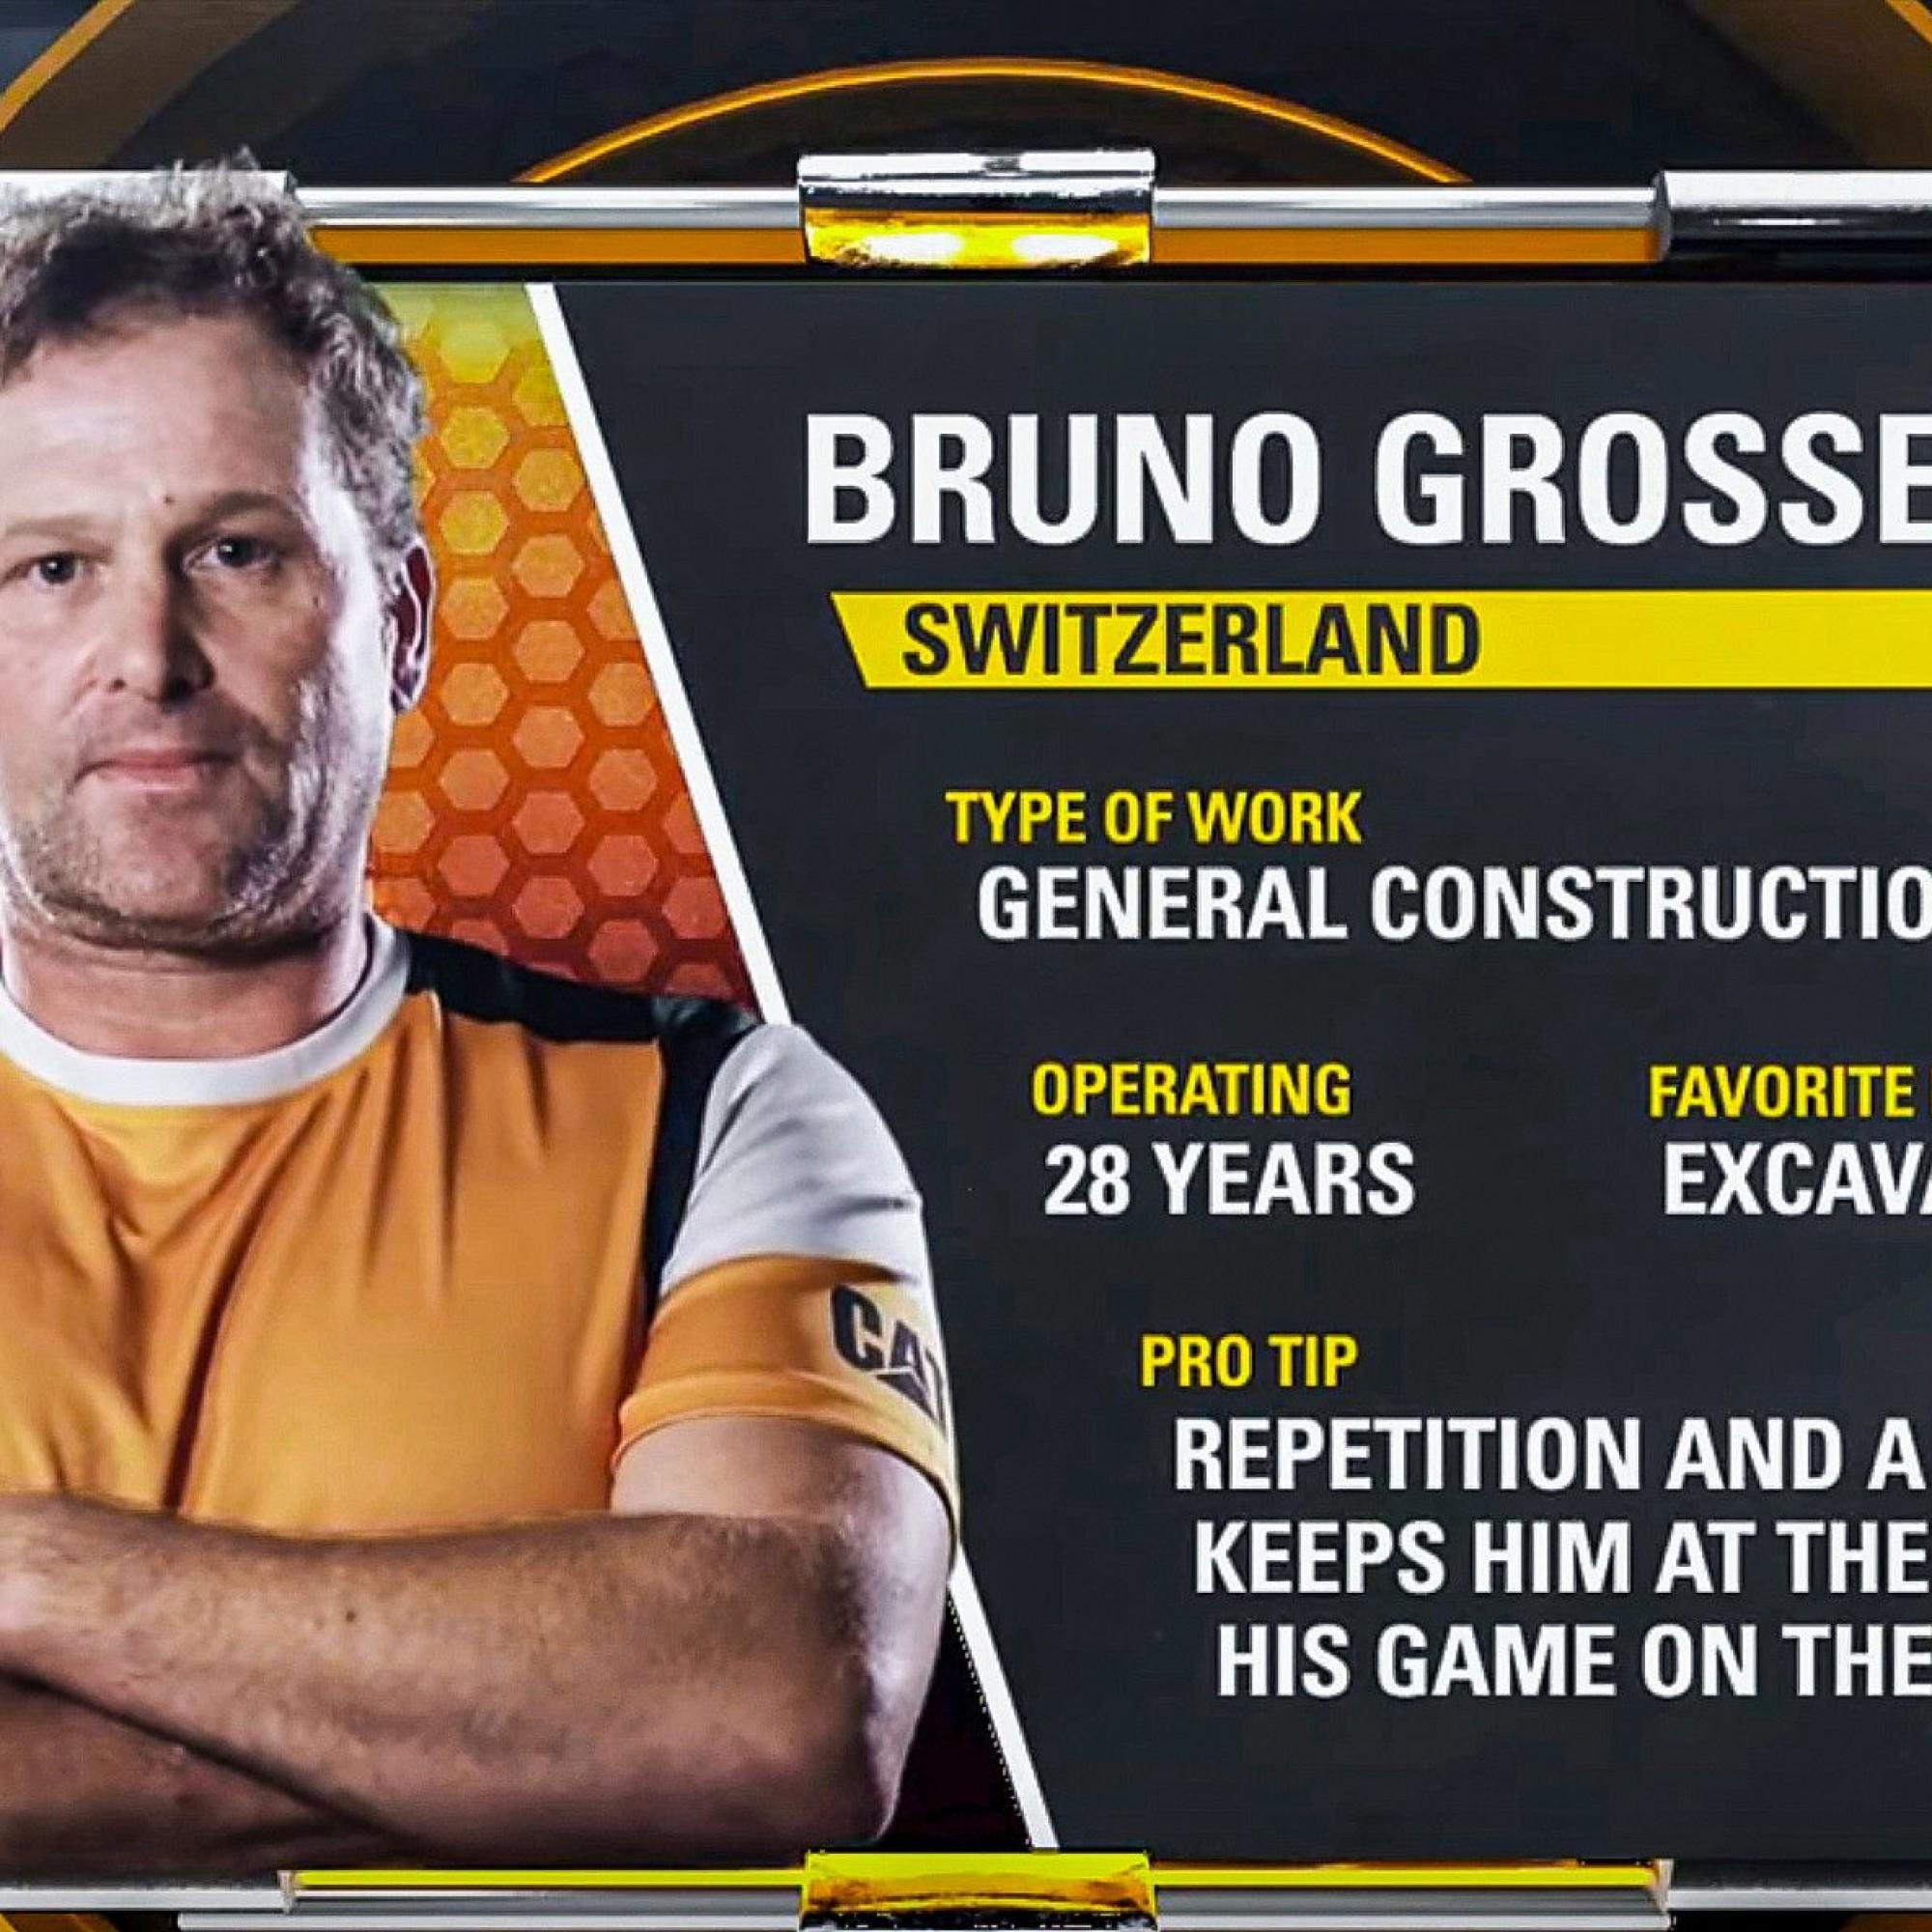 Vorstellung des Schweizer Teilnehmers Bruno Grossen